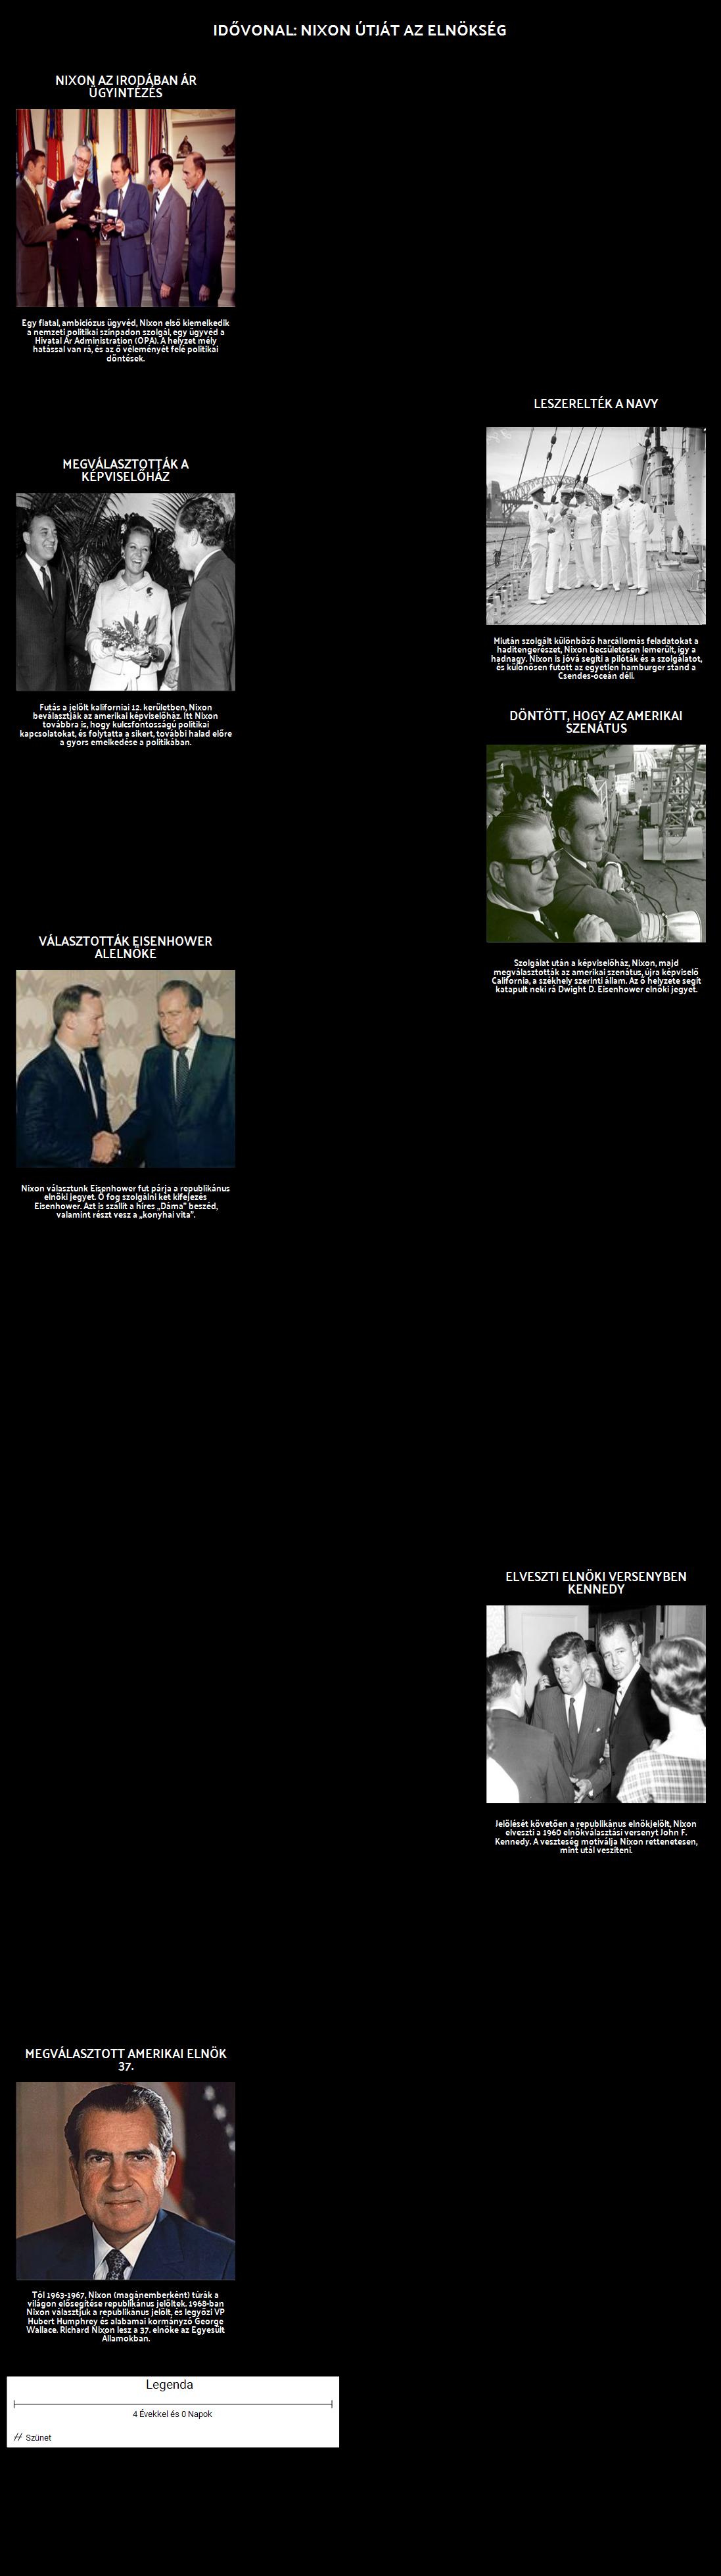 Timeline - Nixon Út az Elnökség